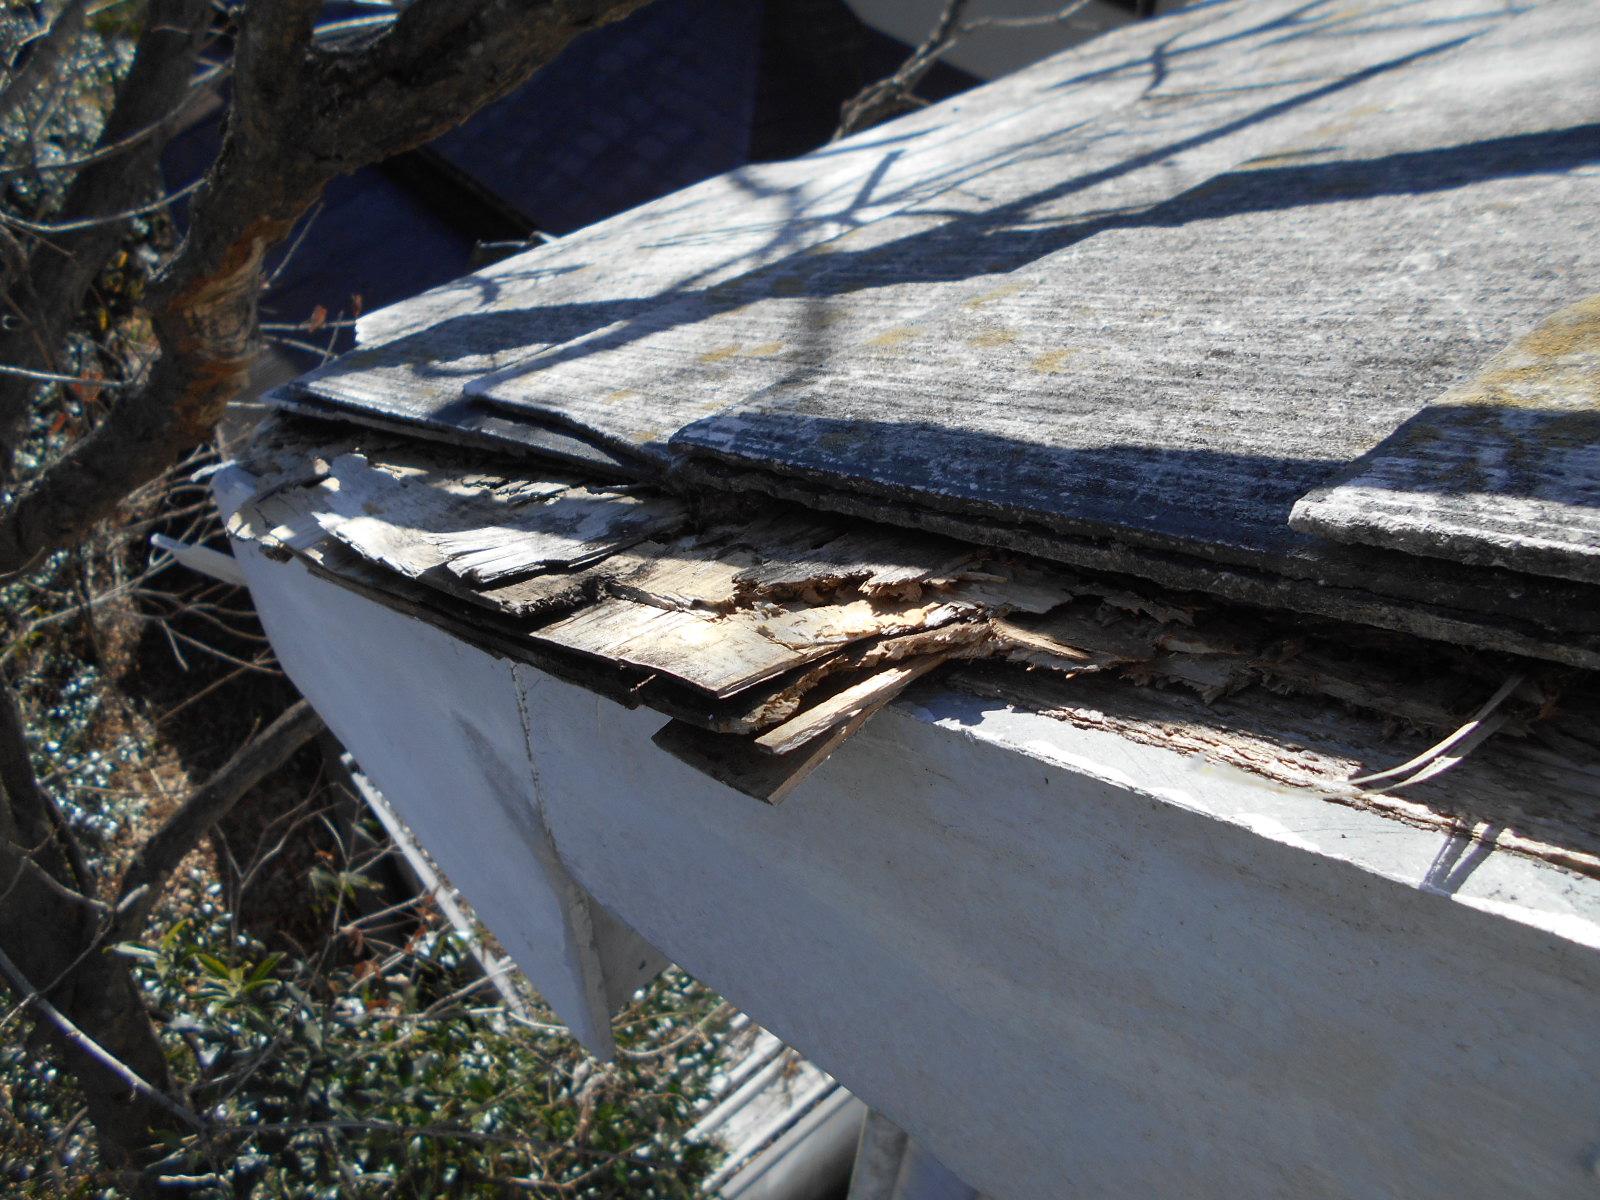 津市芸濃町 雨漏り屋根修理